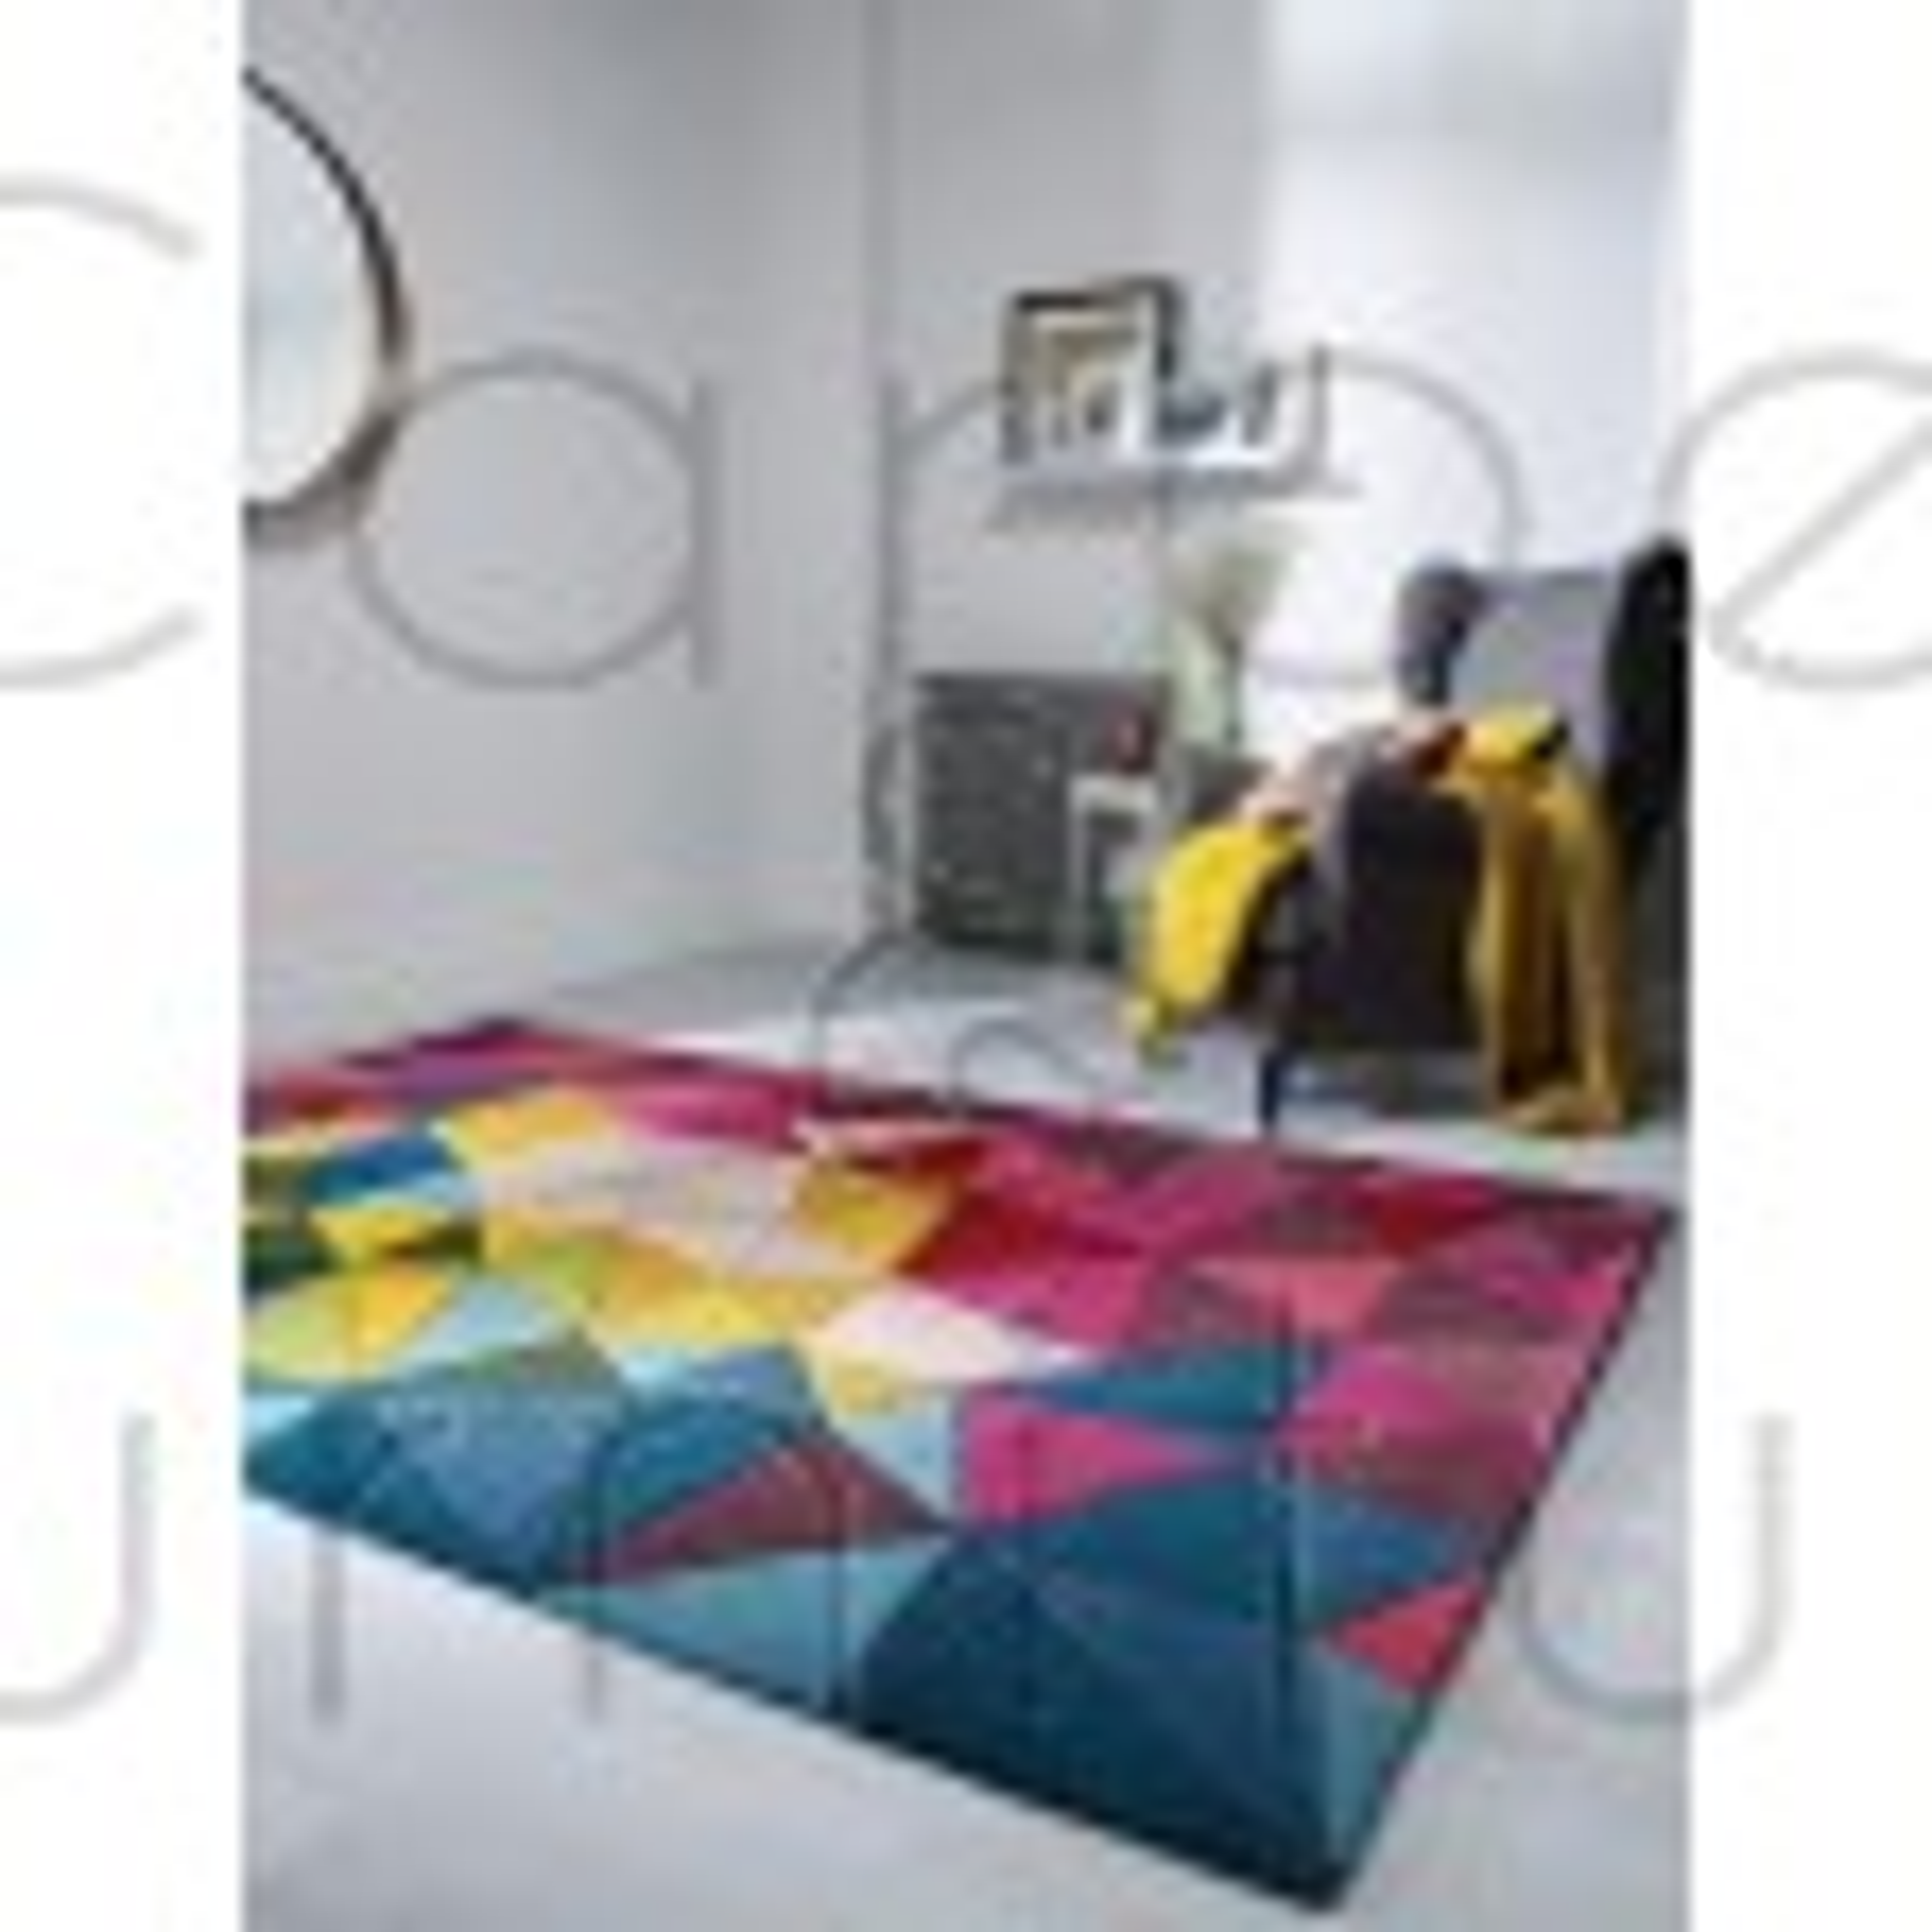 """Illusion Falmouth Multi Rug - Size 120 x 170 cm (4' x 5'7"""")"""